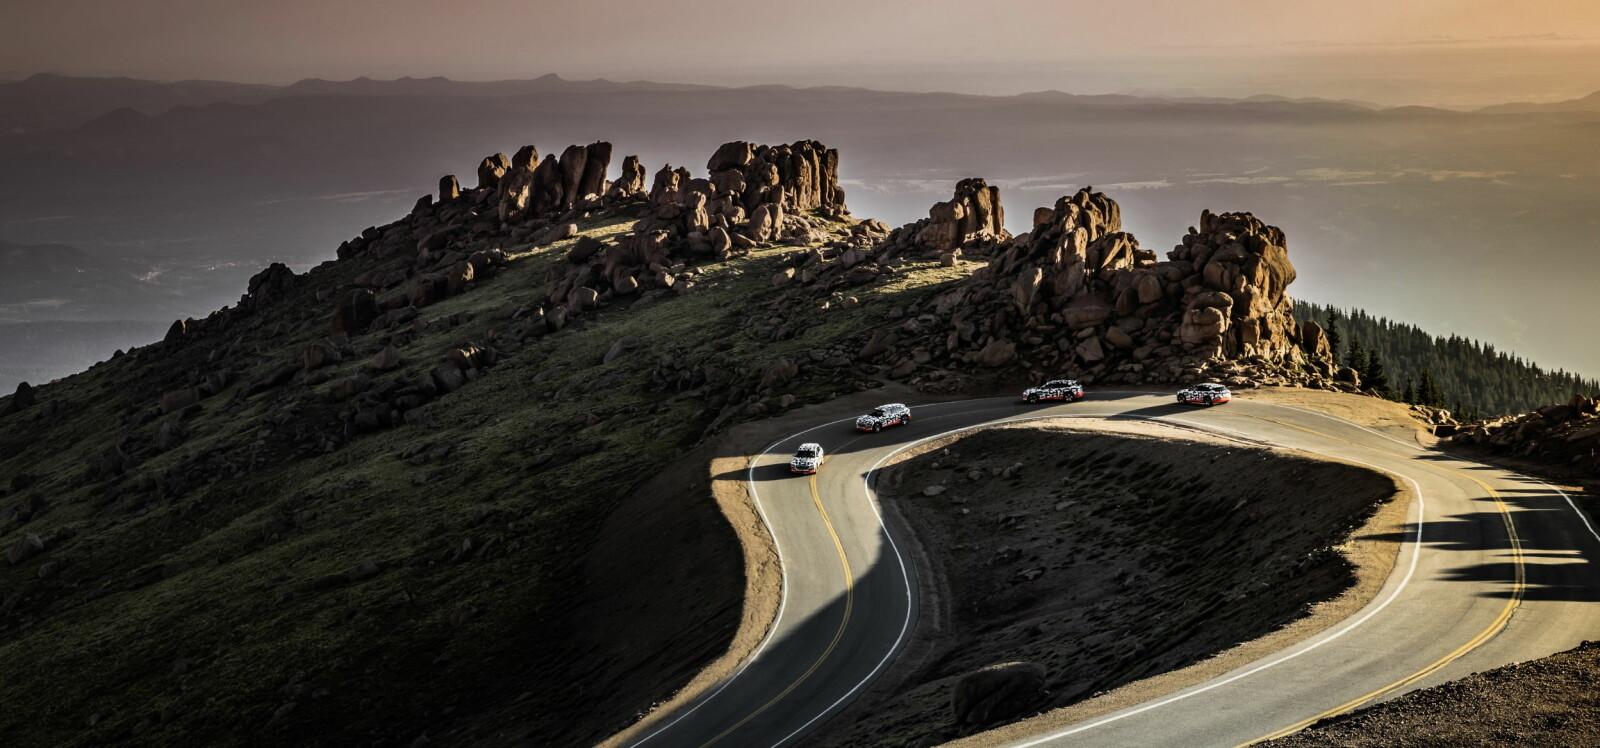 <b>SPEKTAKULÆR: </b>Det er ikke bare bilen som er fin. Landskapet og utsikten i soloppgangen var spektakulær.